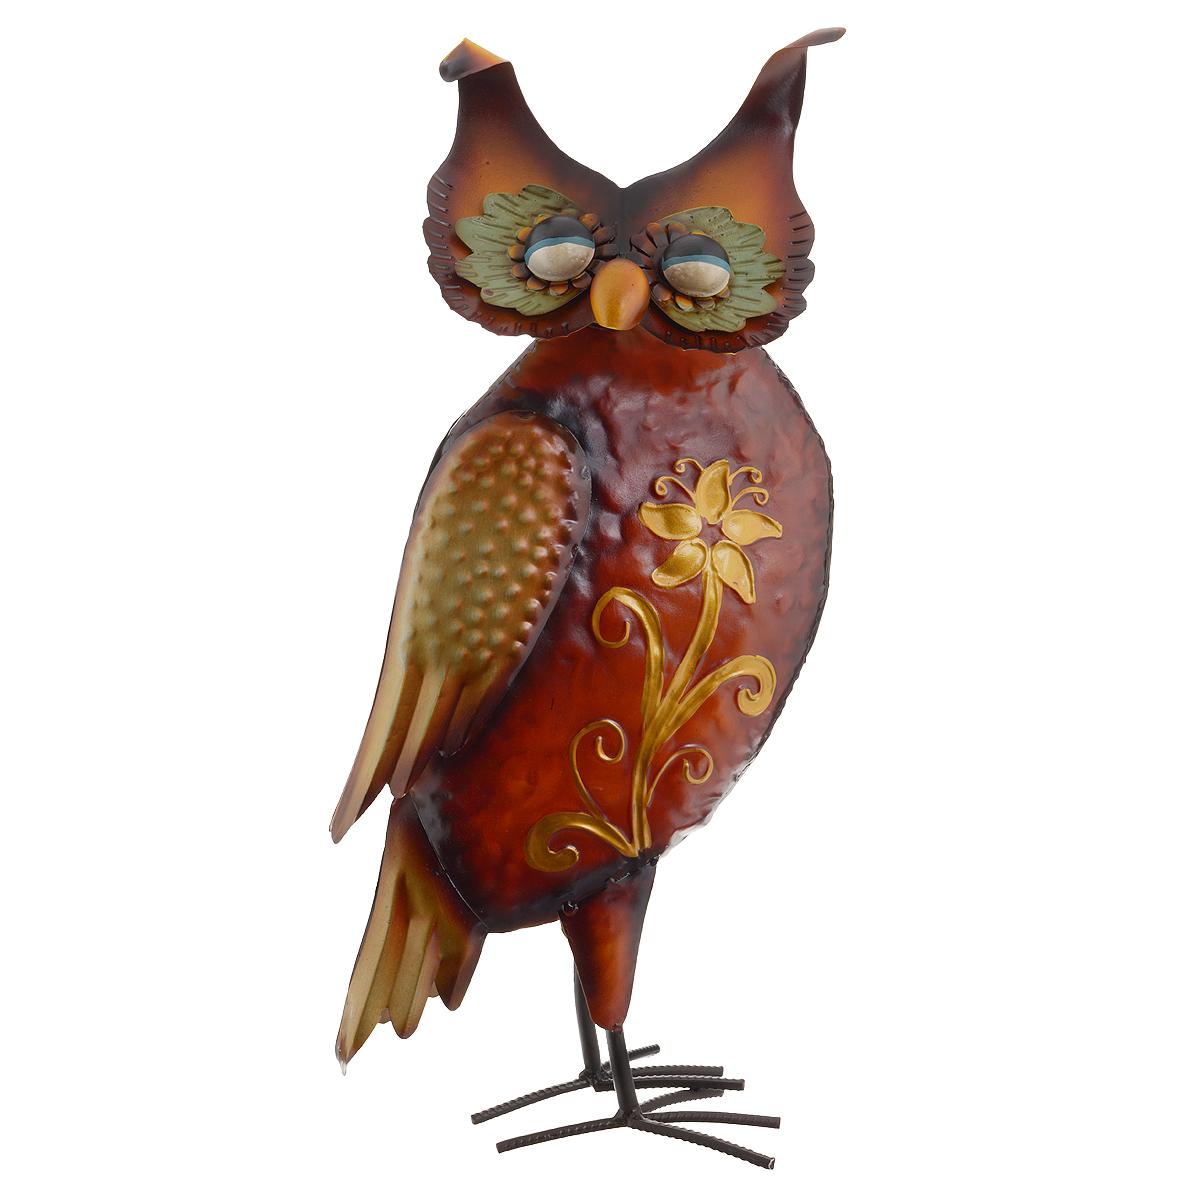 Фигура декоративная Molento Филин. 576-068576-068Декоративная фигура Molento Филин, изготовленная из металла, позволит вам украсить интерьер дома, рабочего кабинета или любого другого помещения оригинальным образом. Изделие выполнено в виде филина, тело которого оформлено цветочным узором. Крылья птицы имеют рельефную поверхность. Голова филина подвижна благодаря пружине, на которой она крепится к телу. С такой декоративной фигурой вы сможете не просто внести в интерьер элемент оригинальности, но и создать атмосферу загадочности и изысканности.